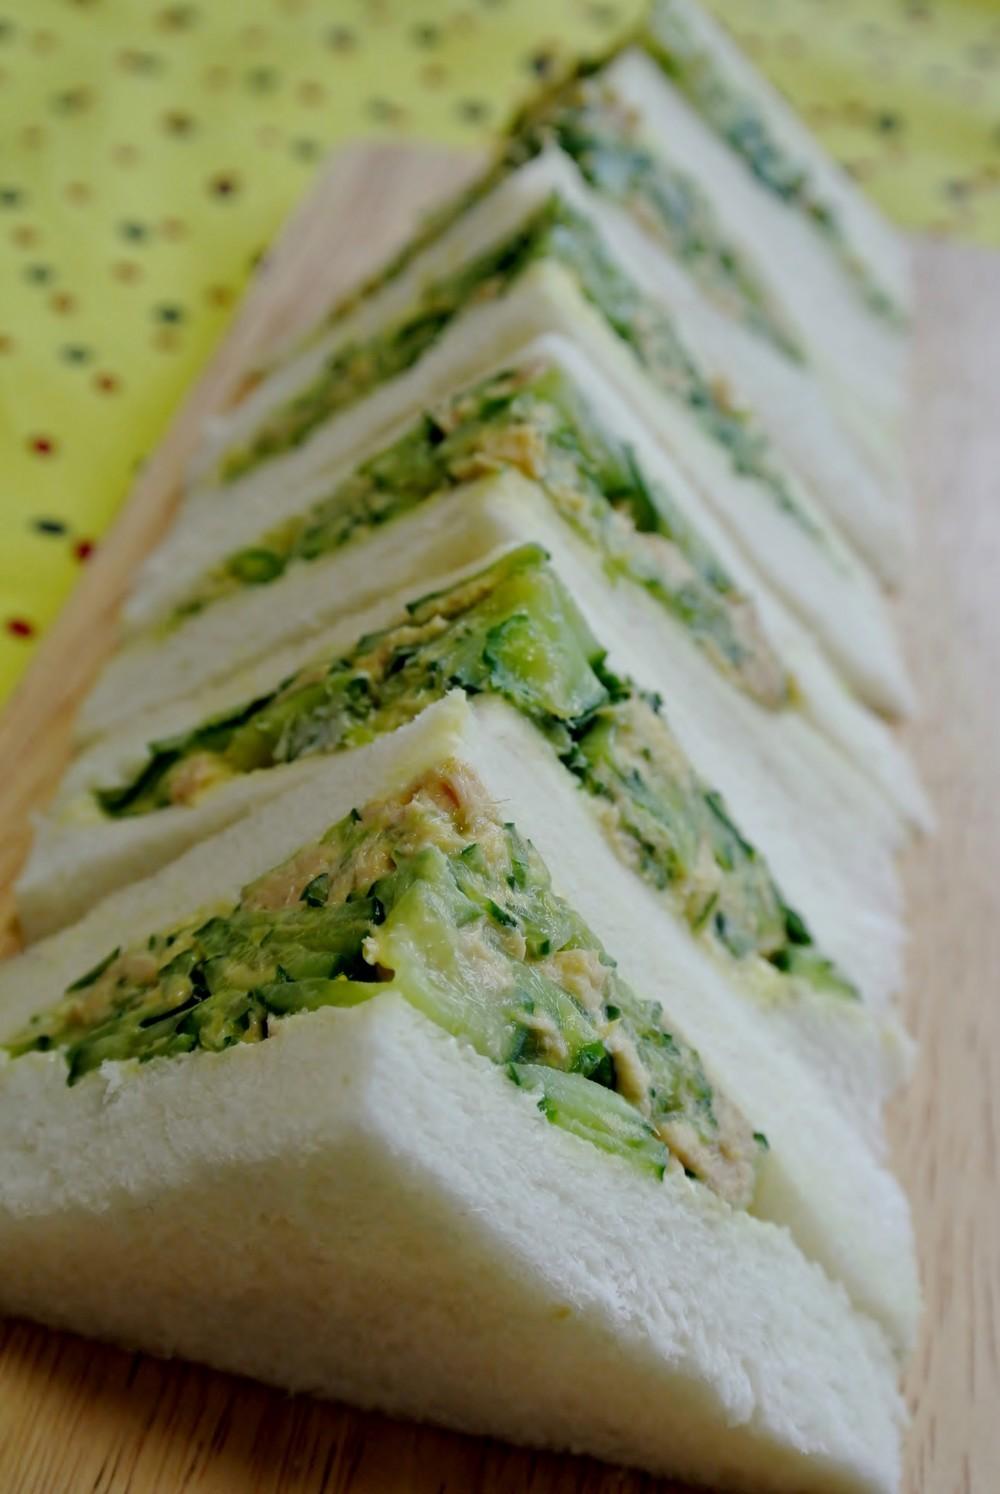 きゅうりの人気レシピ集!サラダなど大量消費の方法も!簡単で美味しい!のサムネイル画像